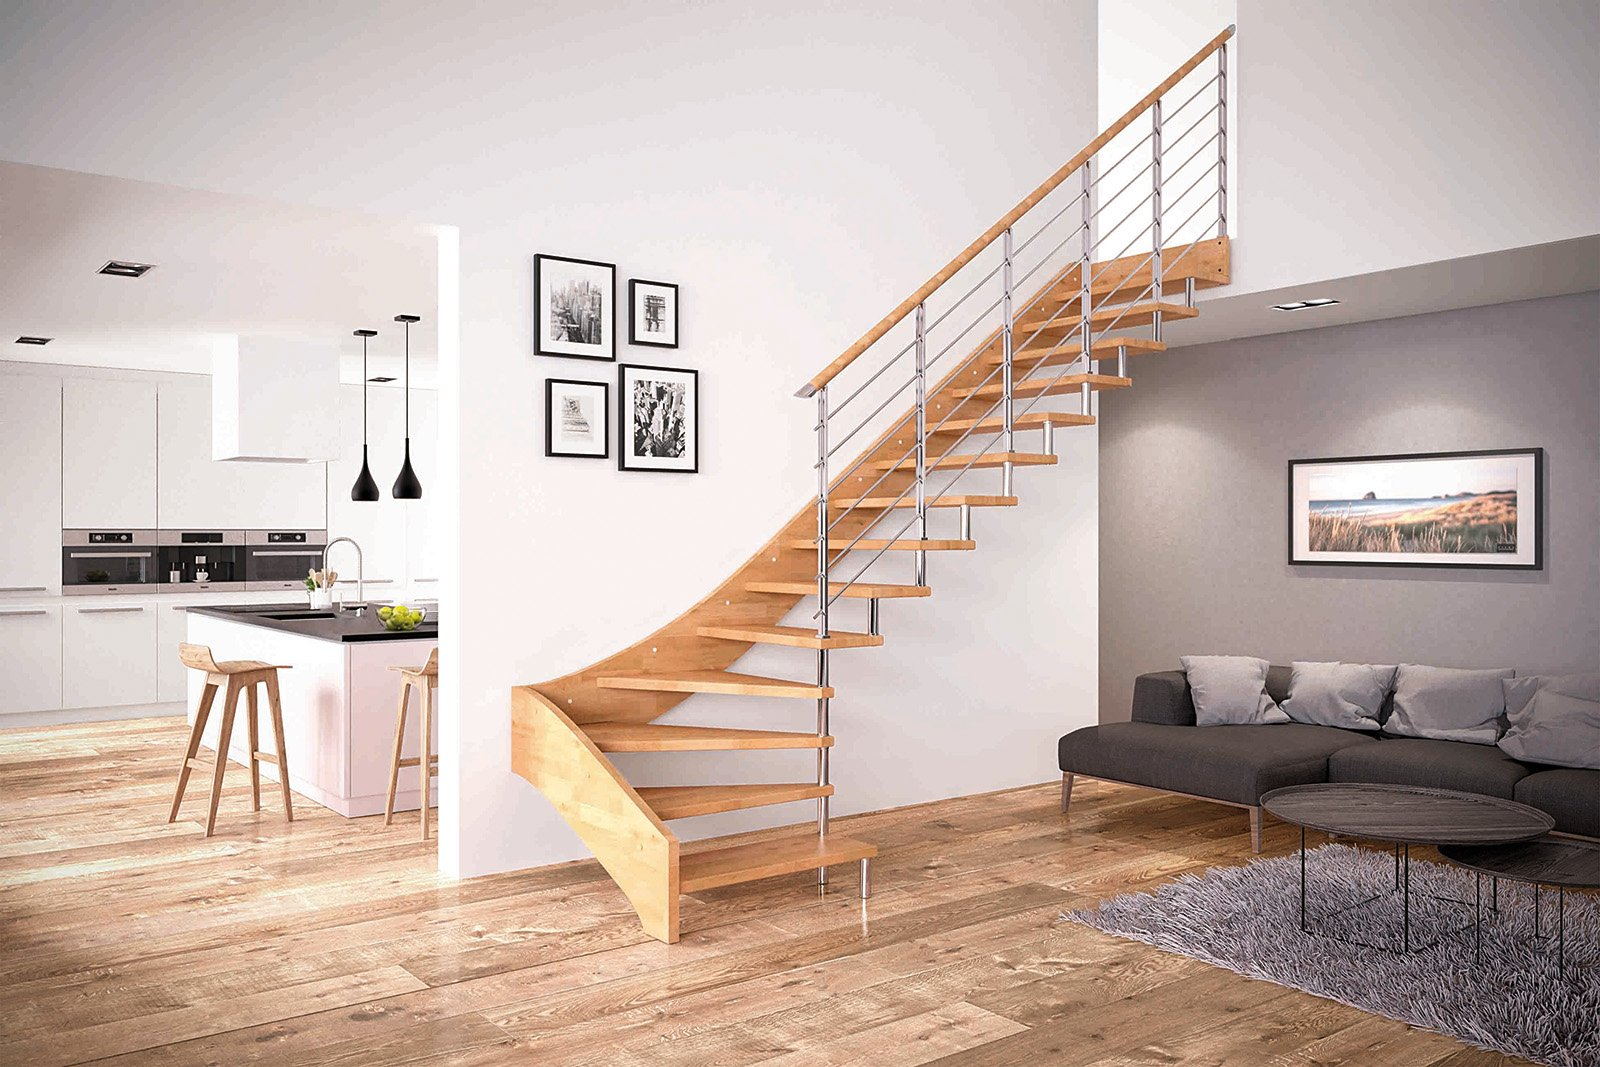 Scegliere la scala per collegare il sottotetto cose di casa - Scale interno casa ...